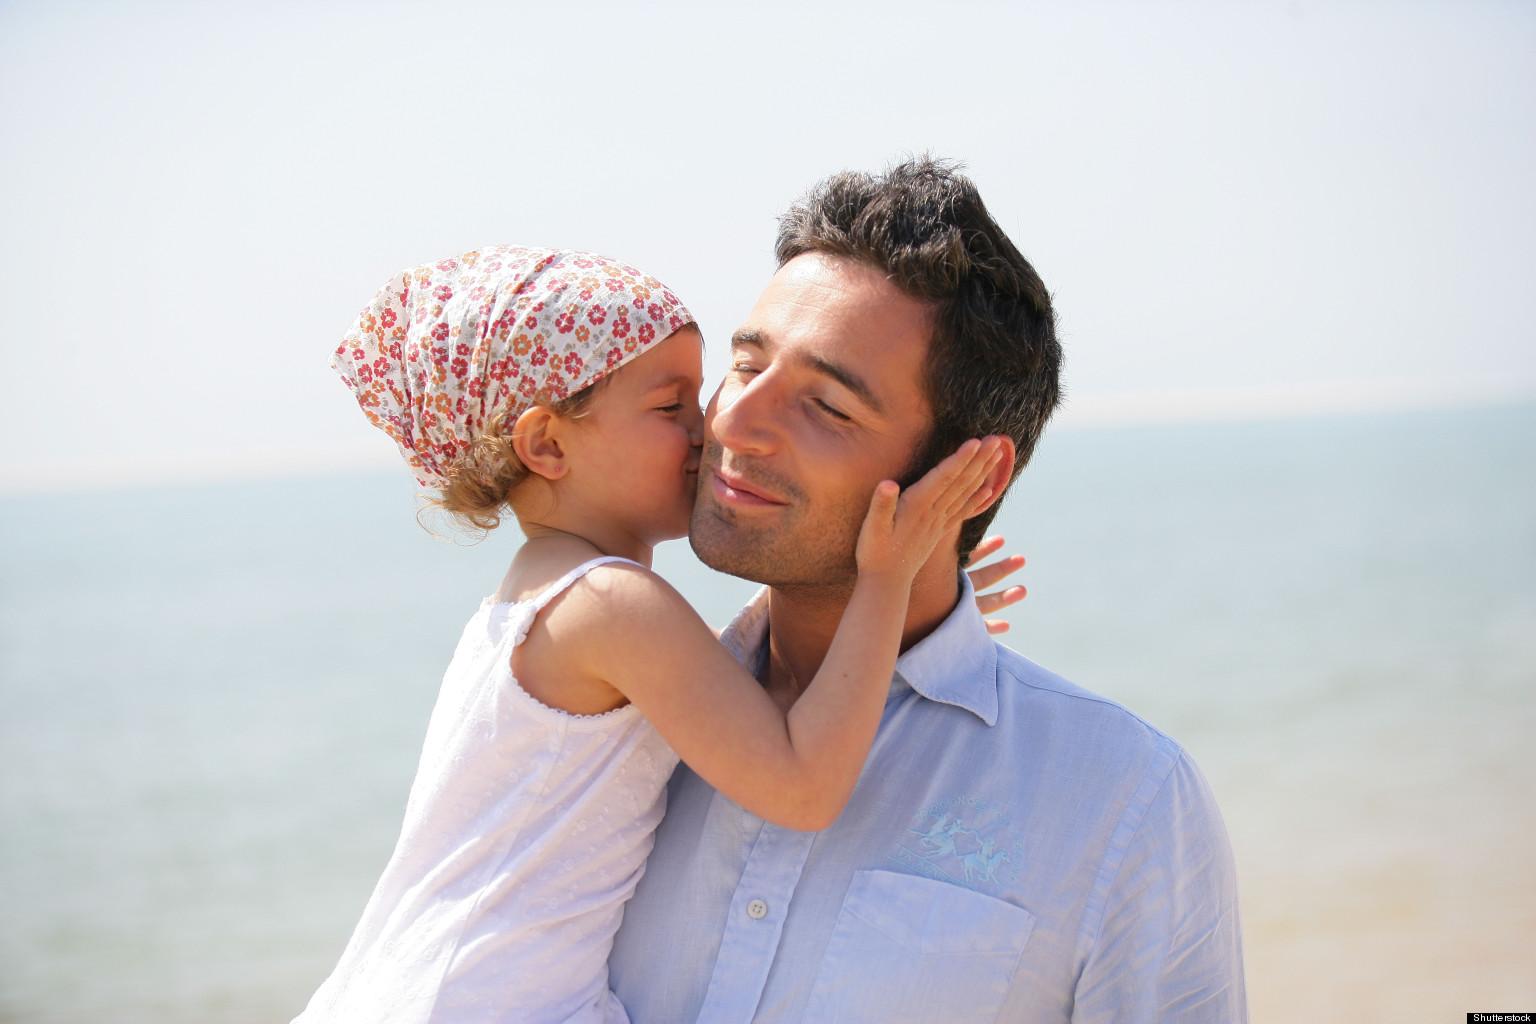 Папа-эффект: Как отцовство влияет на карьеру мужчины